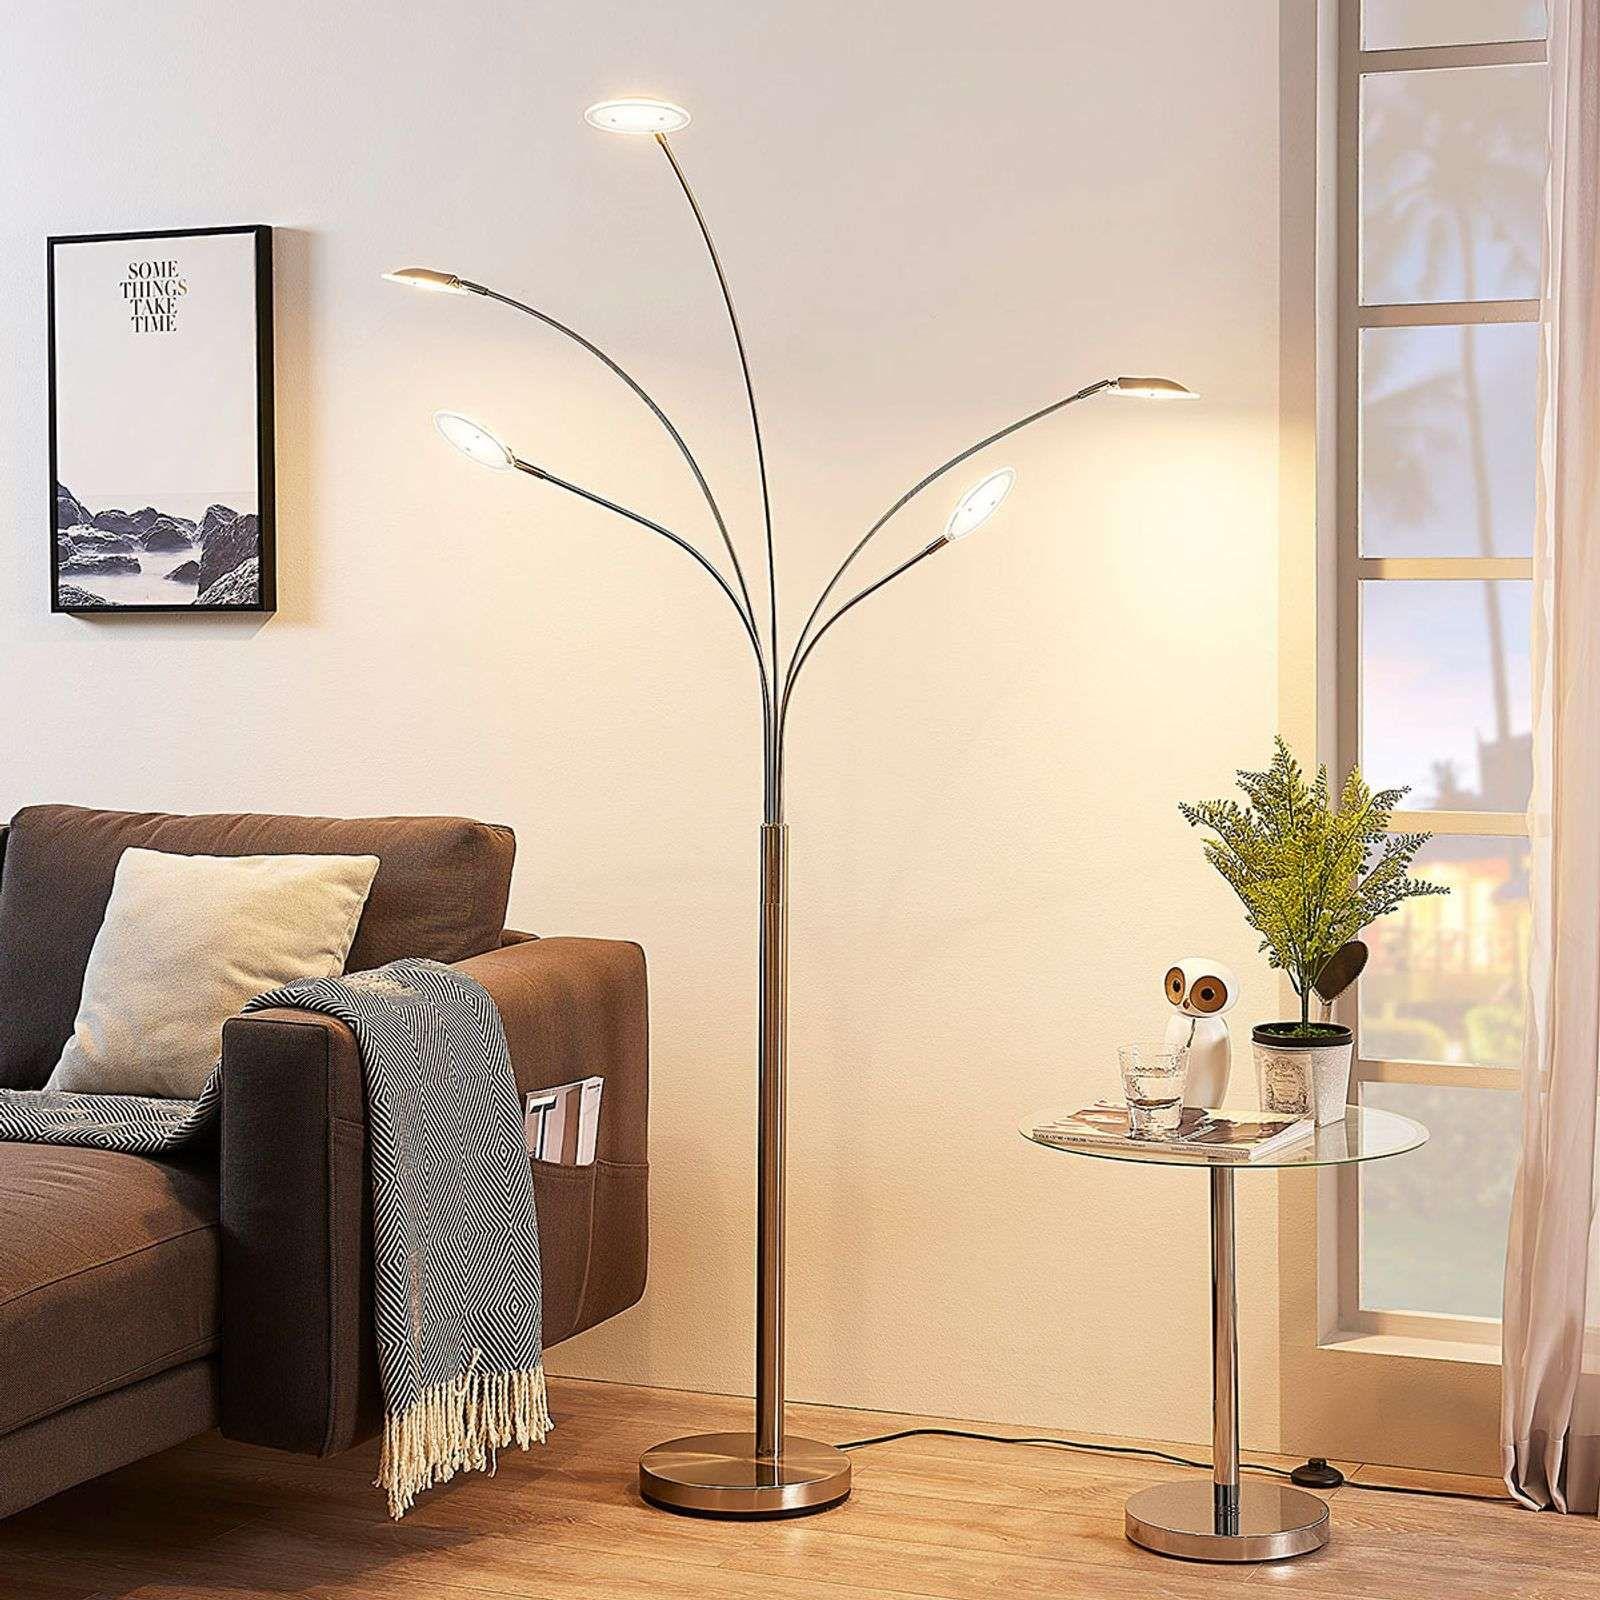 Lampadaire Led Anea A 5 Lampes En 2020 Lampadaire Lampadaire Salon Lampadaire Led